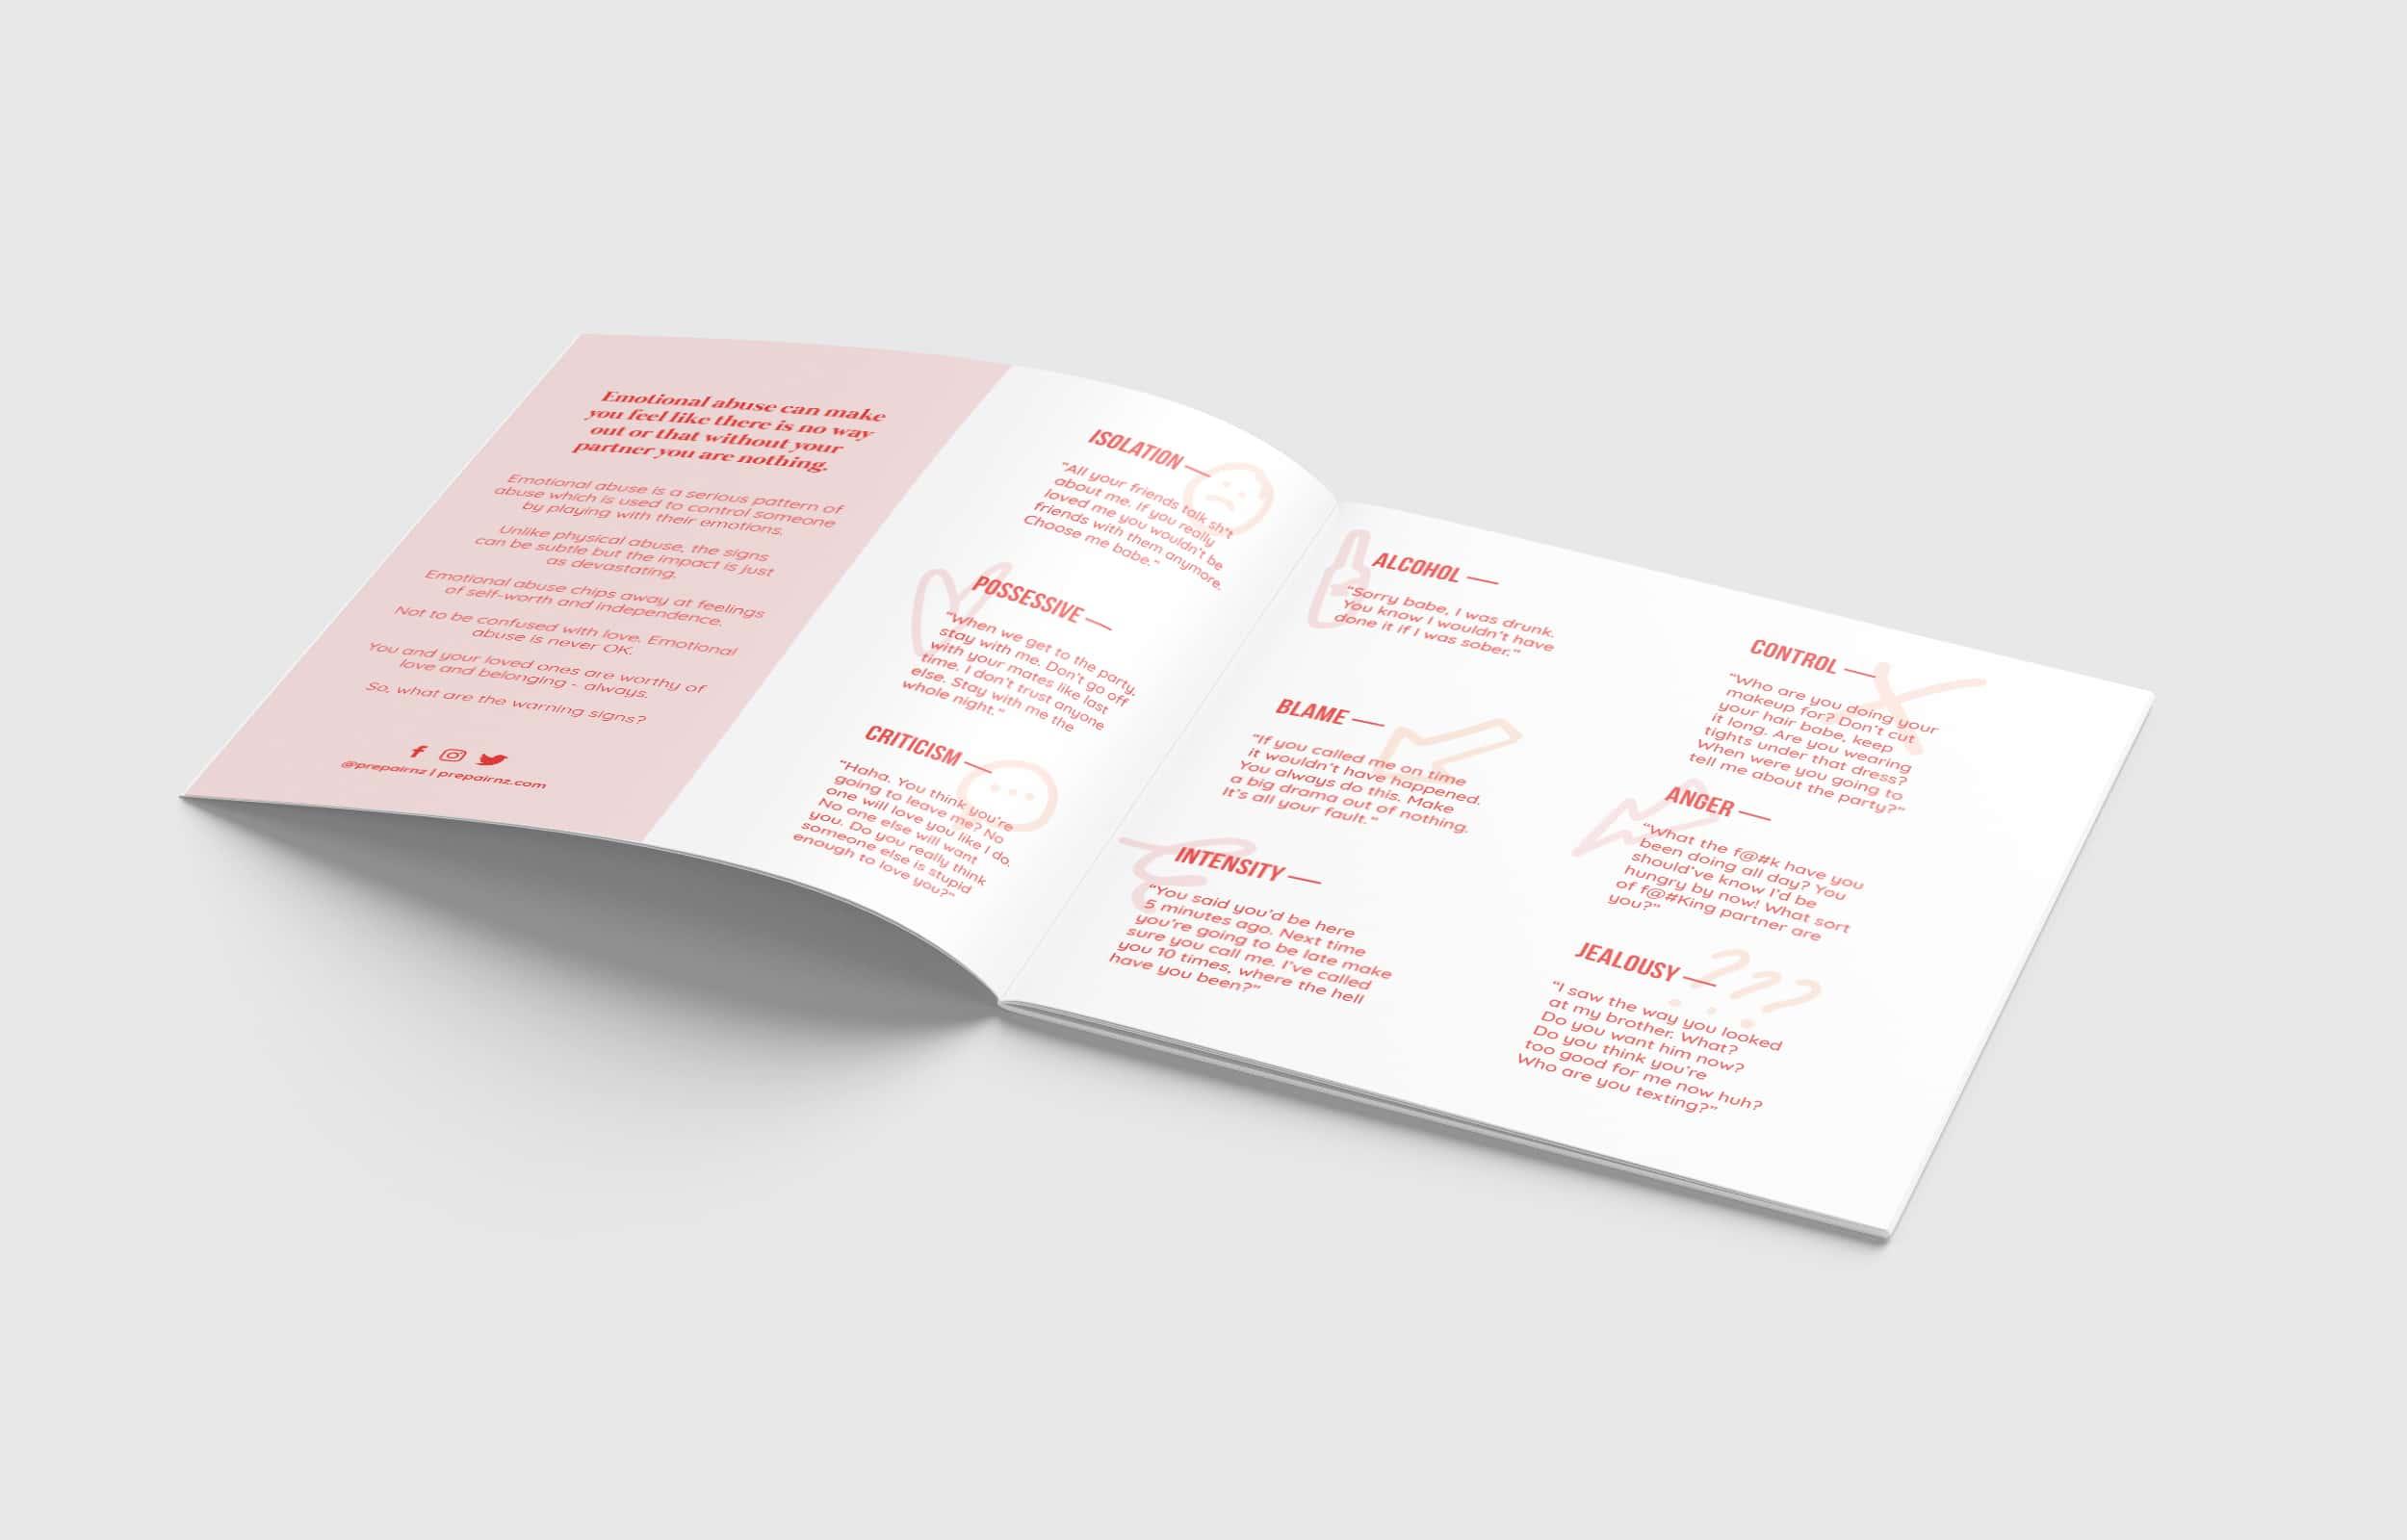 prepair_brochure_mockup_2.jpg